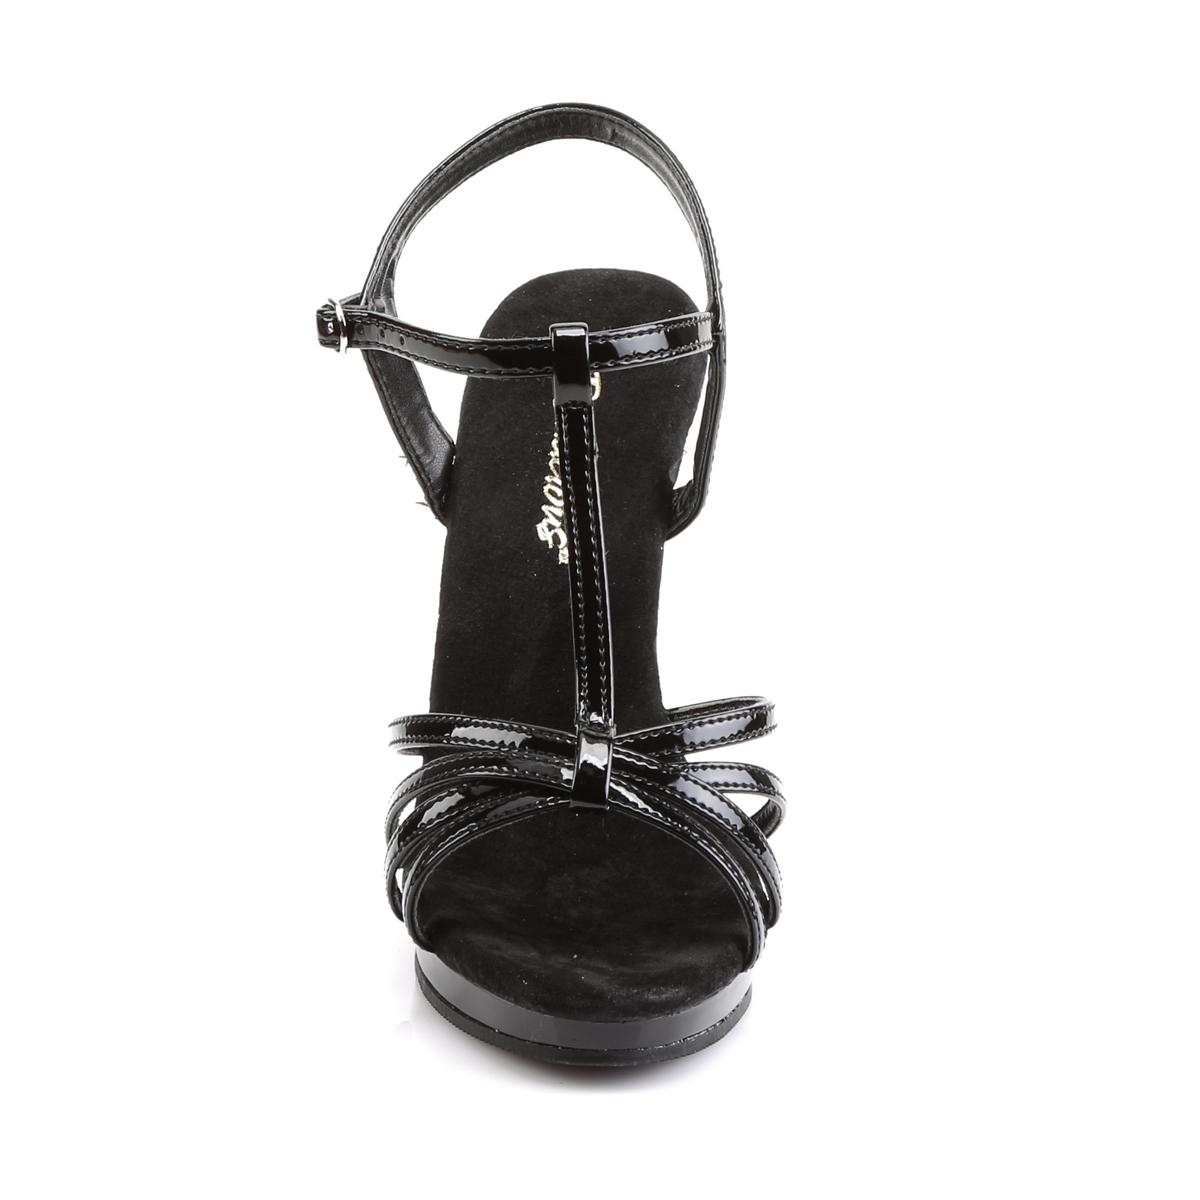 Fabulicious FLAIR-420 Sandali Donna  Tacco Alto 11 Plateau 1.3 Nero FLA420/B/M